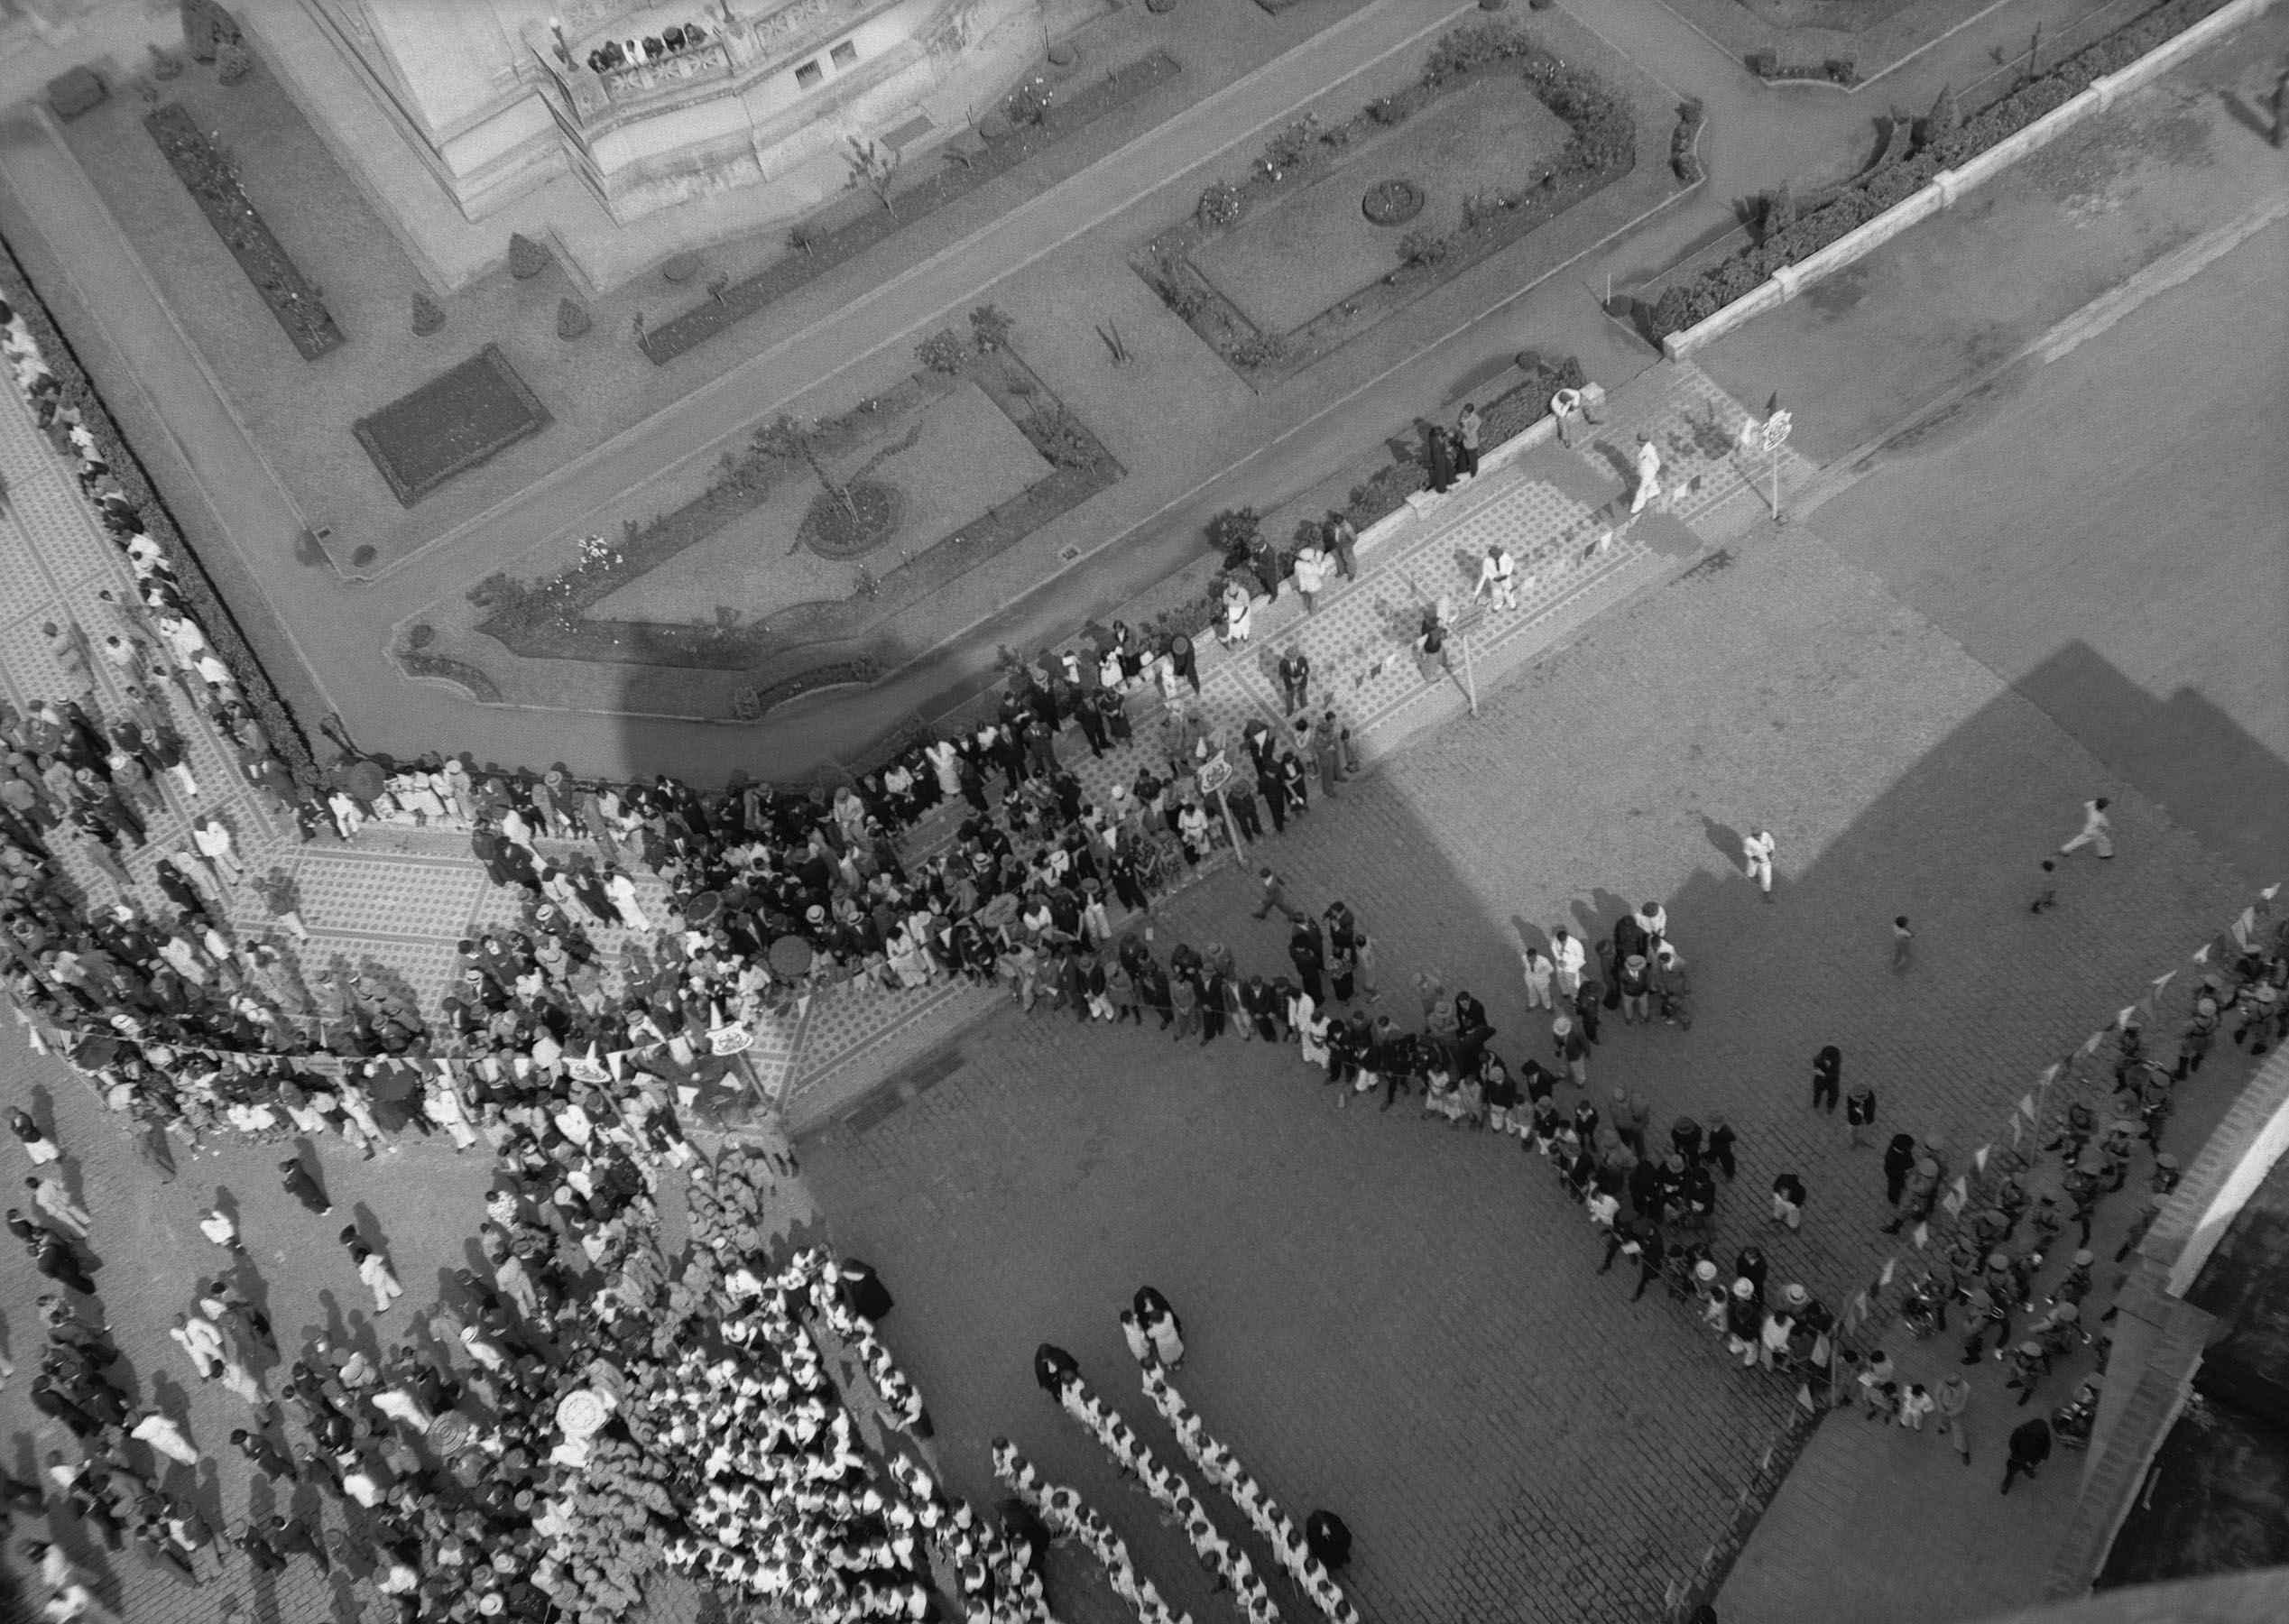 Praça da Feira de Amostras, 1937